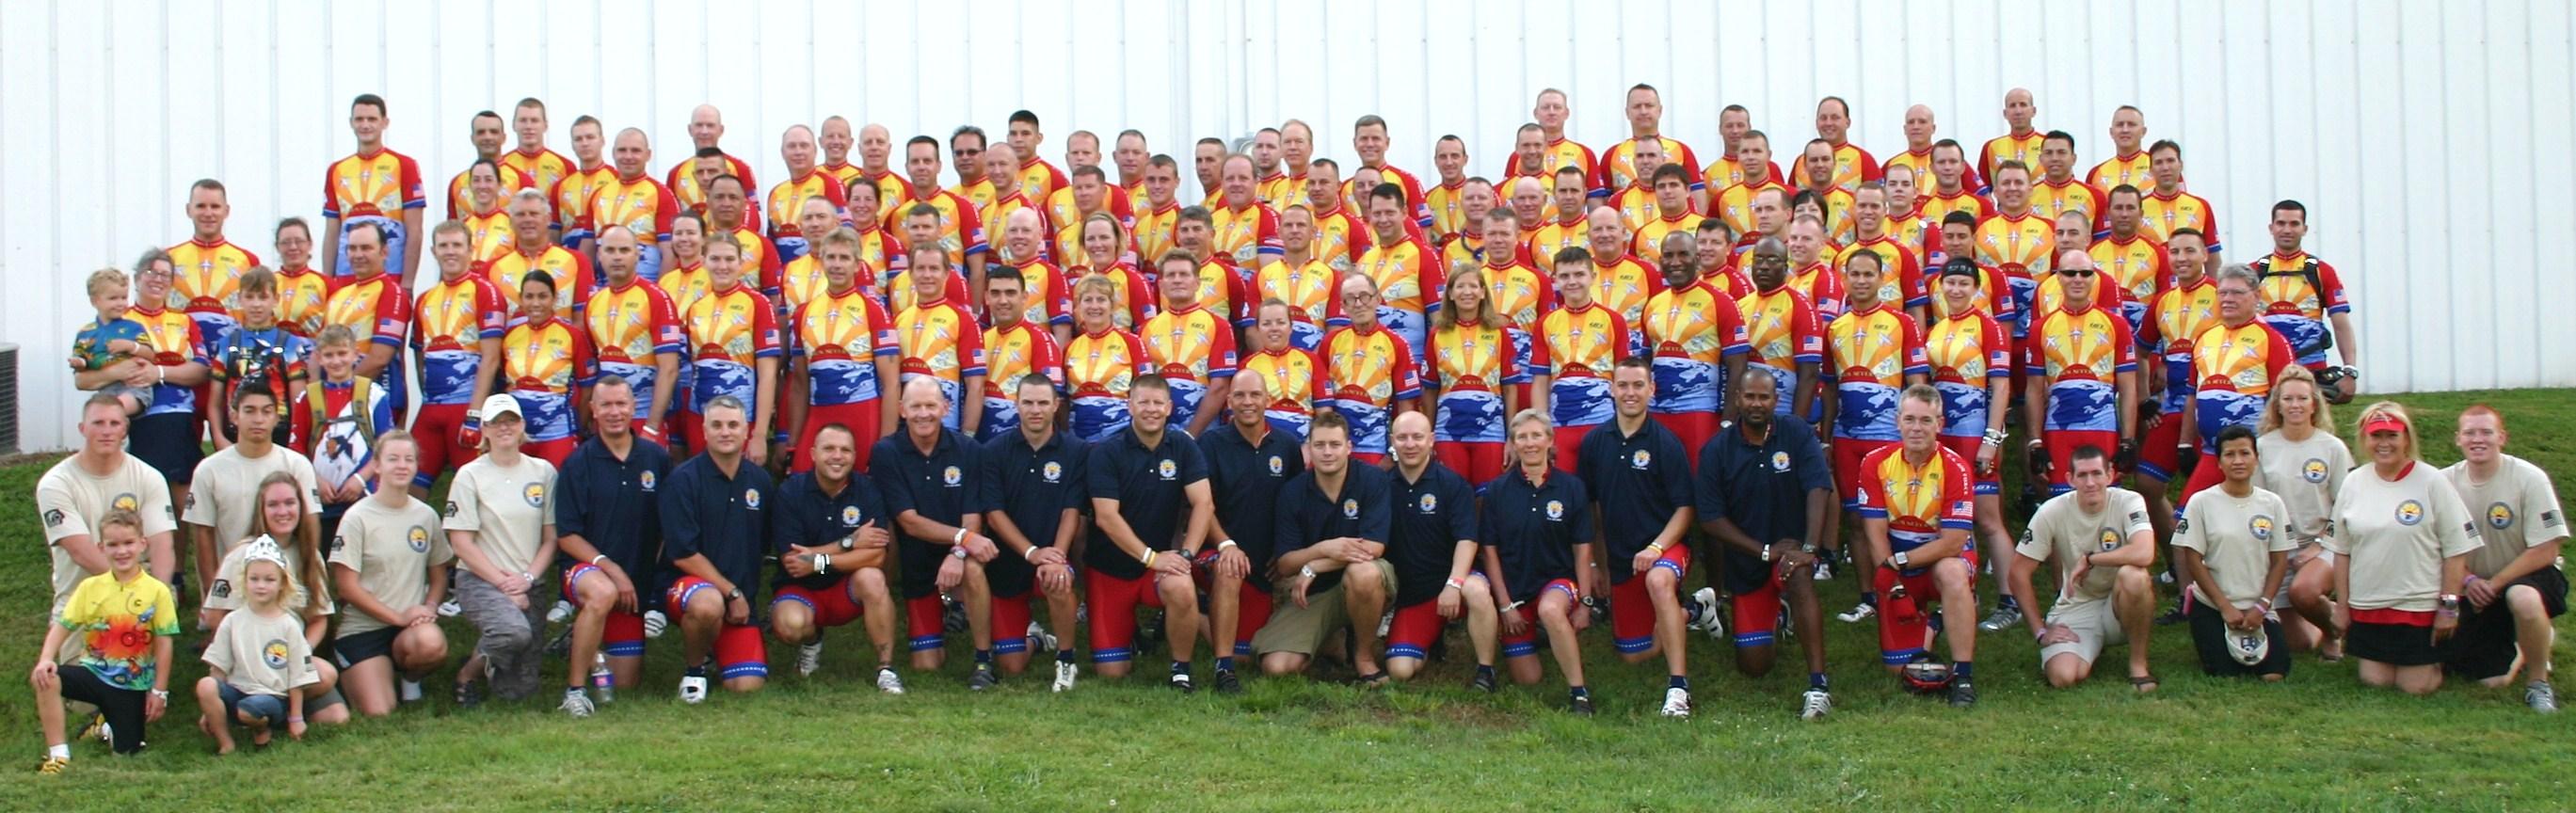 2011_team_full